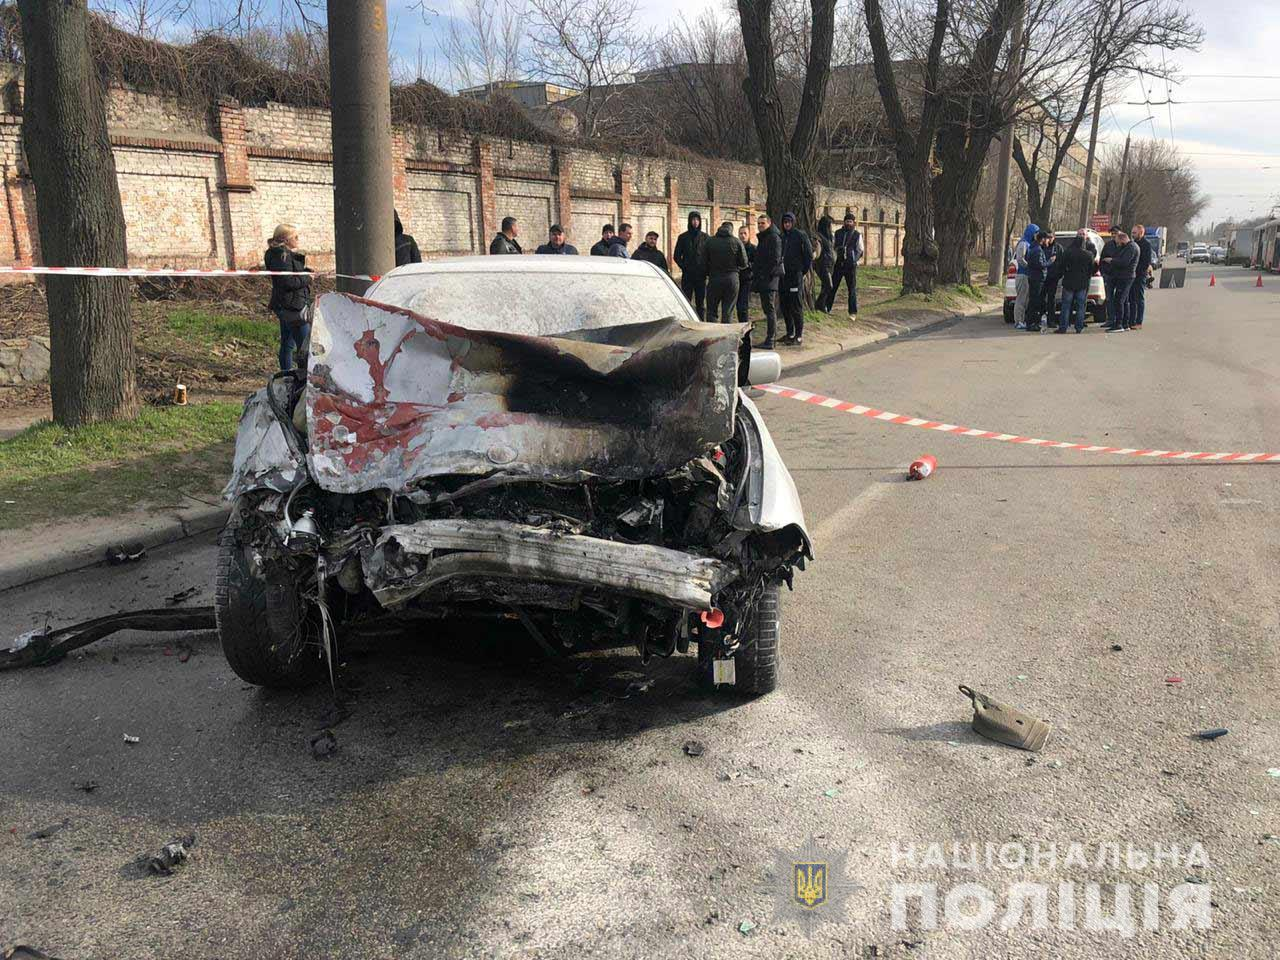 Серьезное ДТП на проспекте Богдана Хмельницкого в Днепре: 5 пострадавших. Новости Днепра